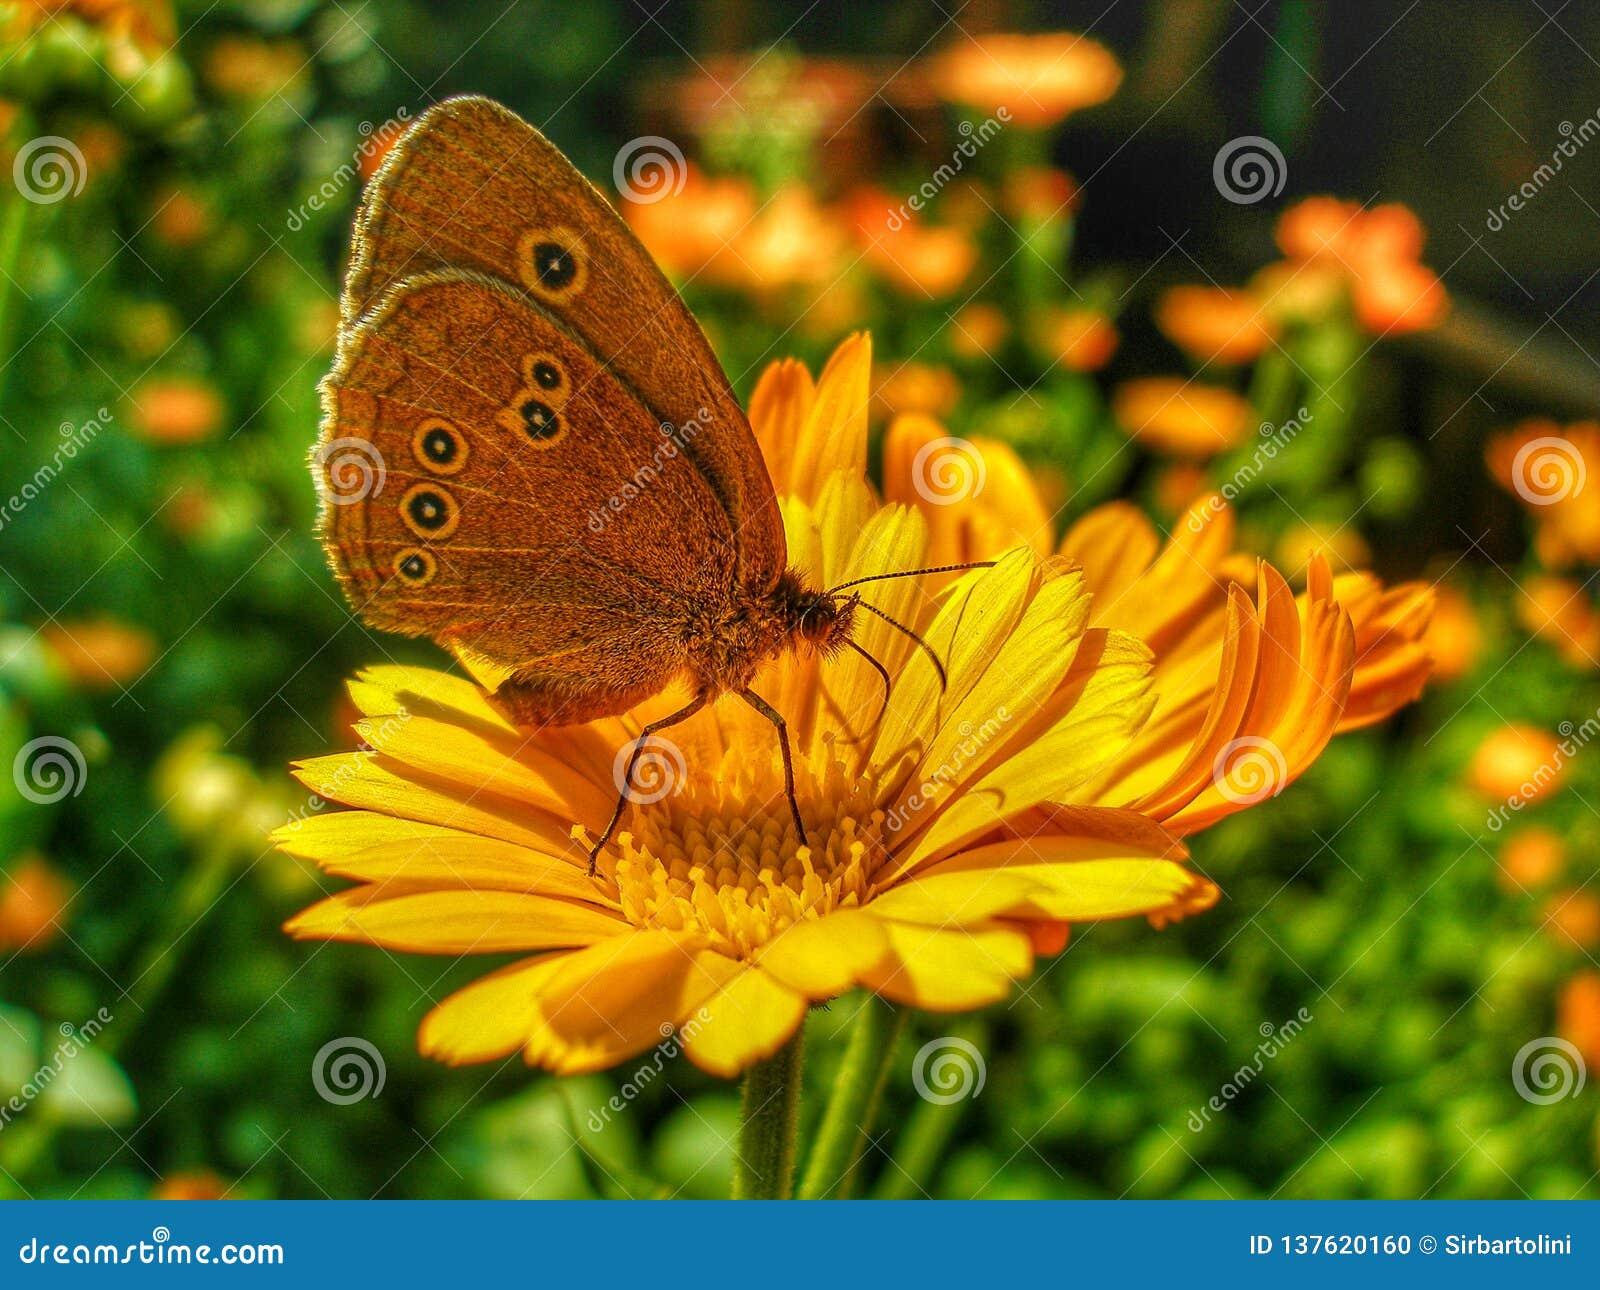 Mariposa del rizo que se sienta en la flor de la maravilla